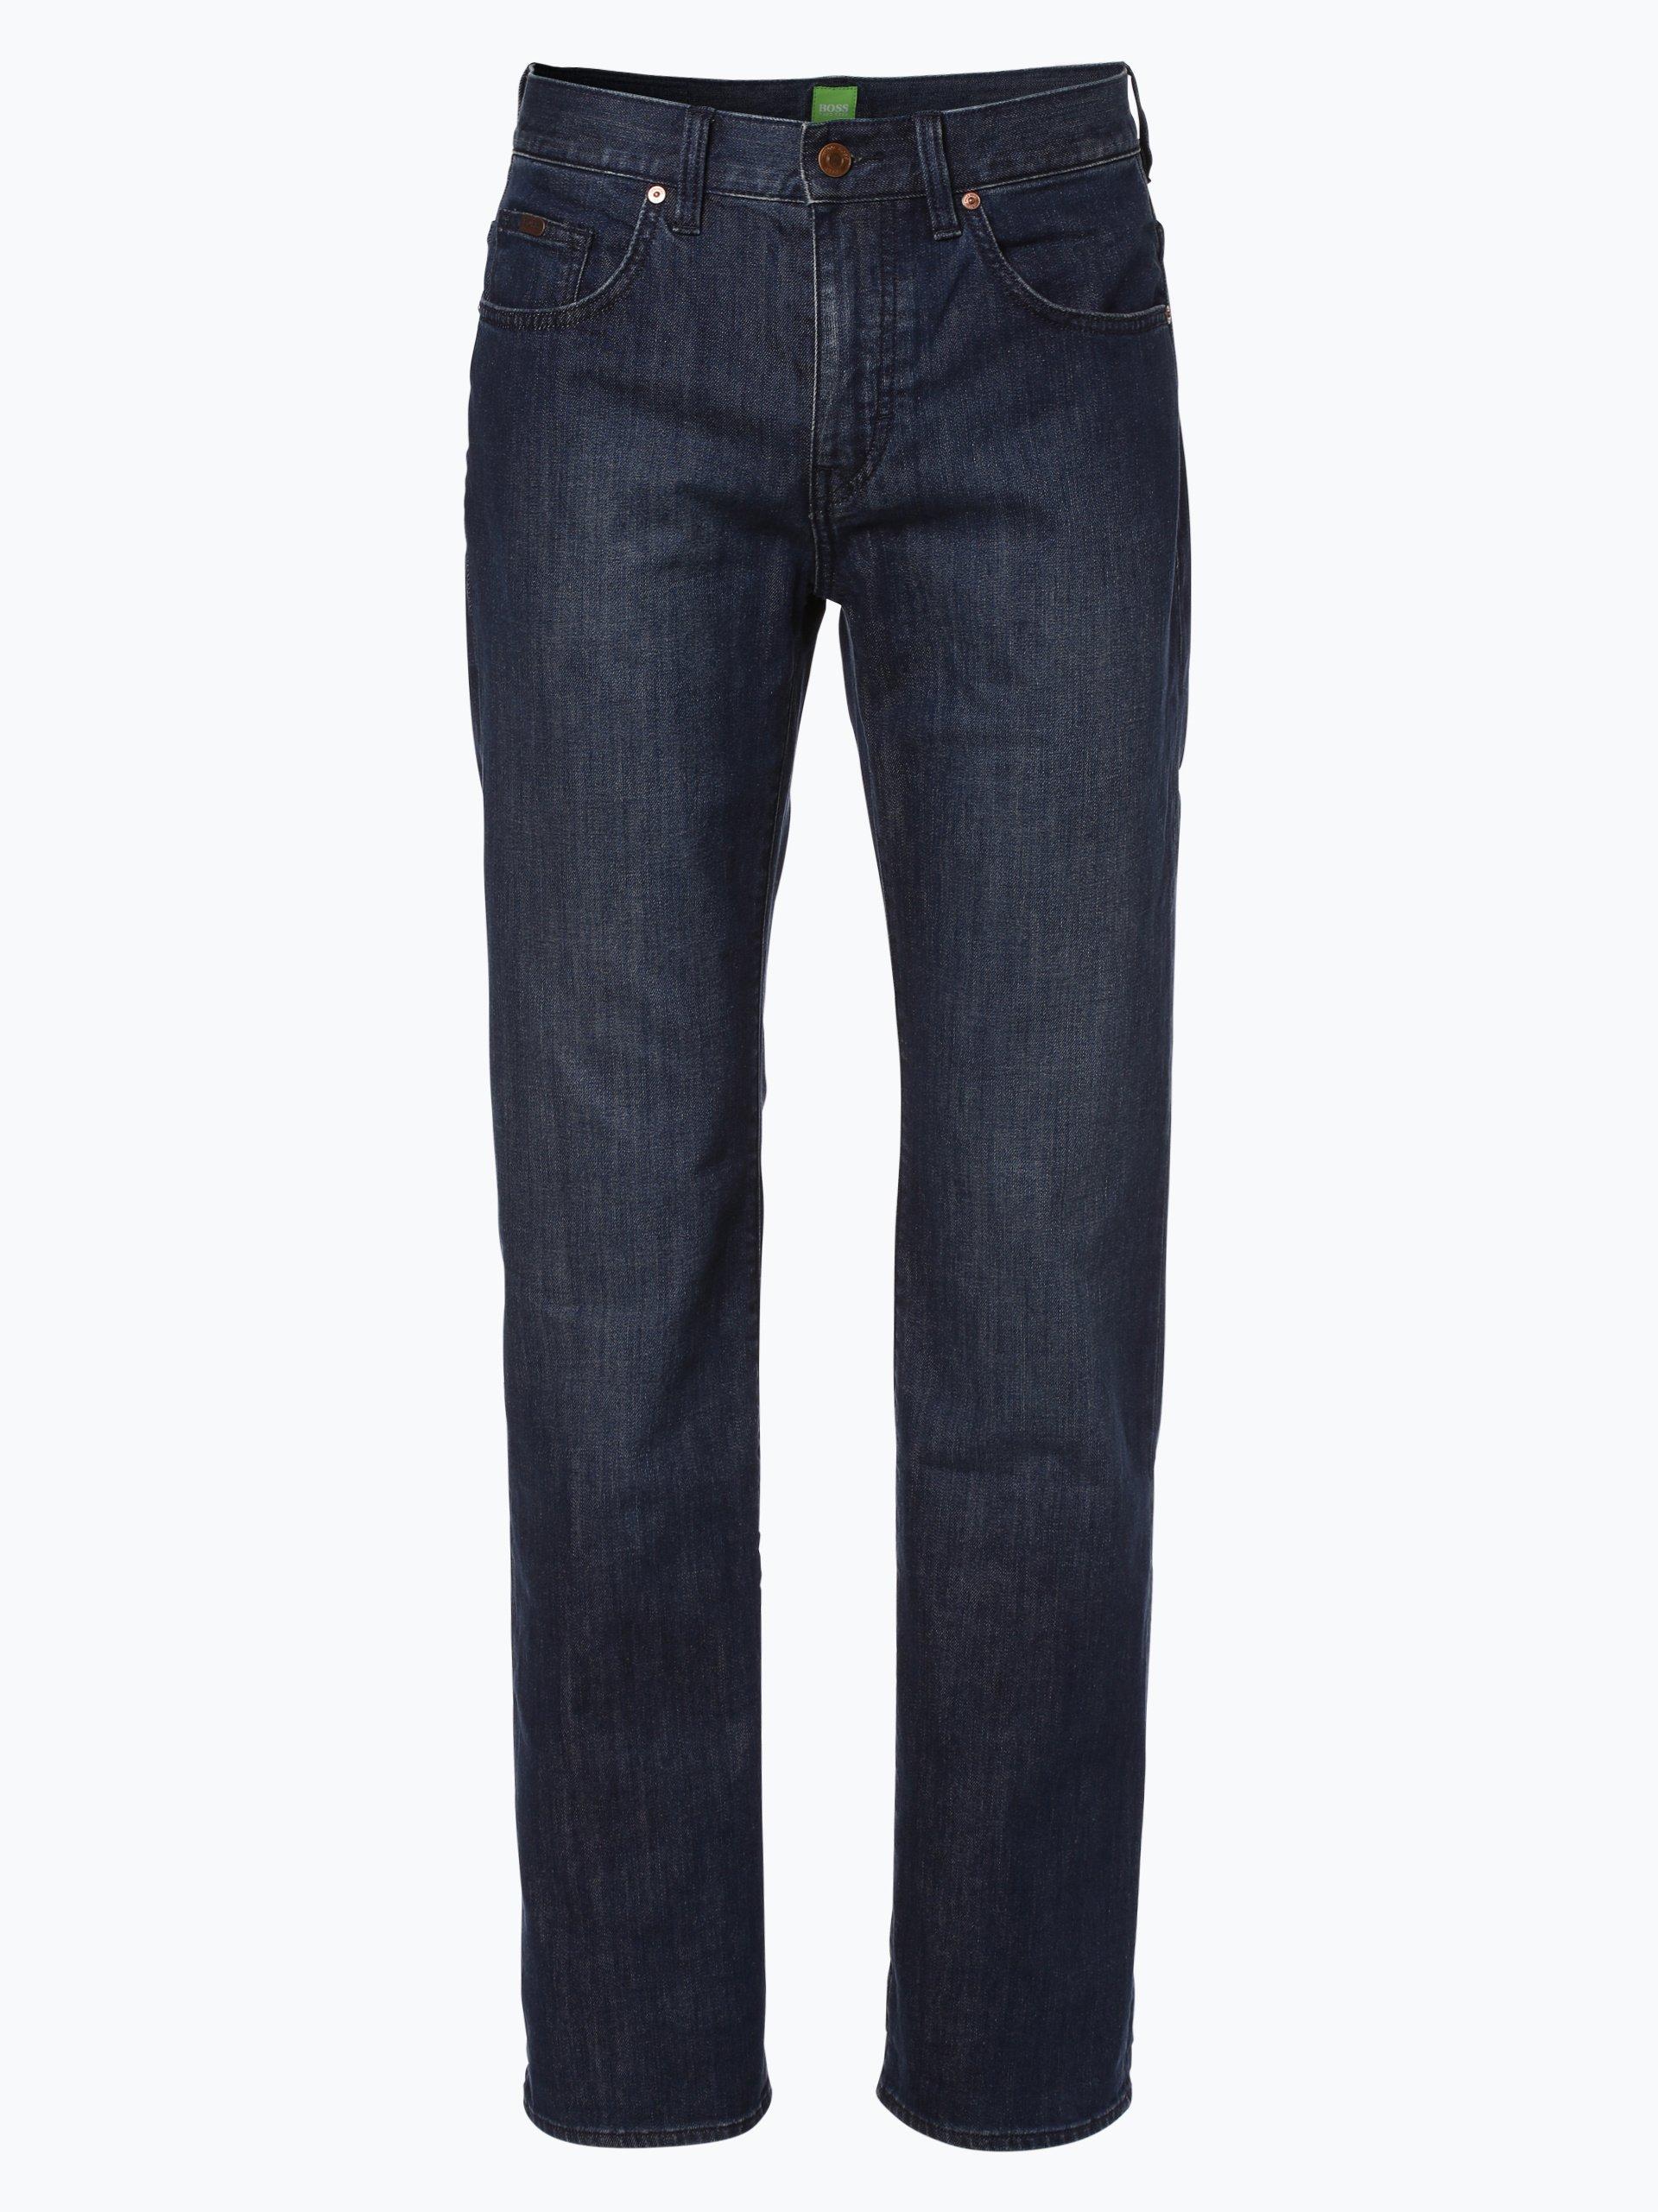 boss athleisurewear herren jeans c kansas 2 online kaufen peek und cloppenburg de. Black Bedroom Furniture Sets. Home Design Ideas